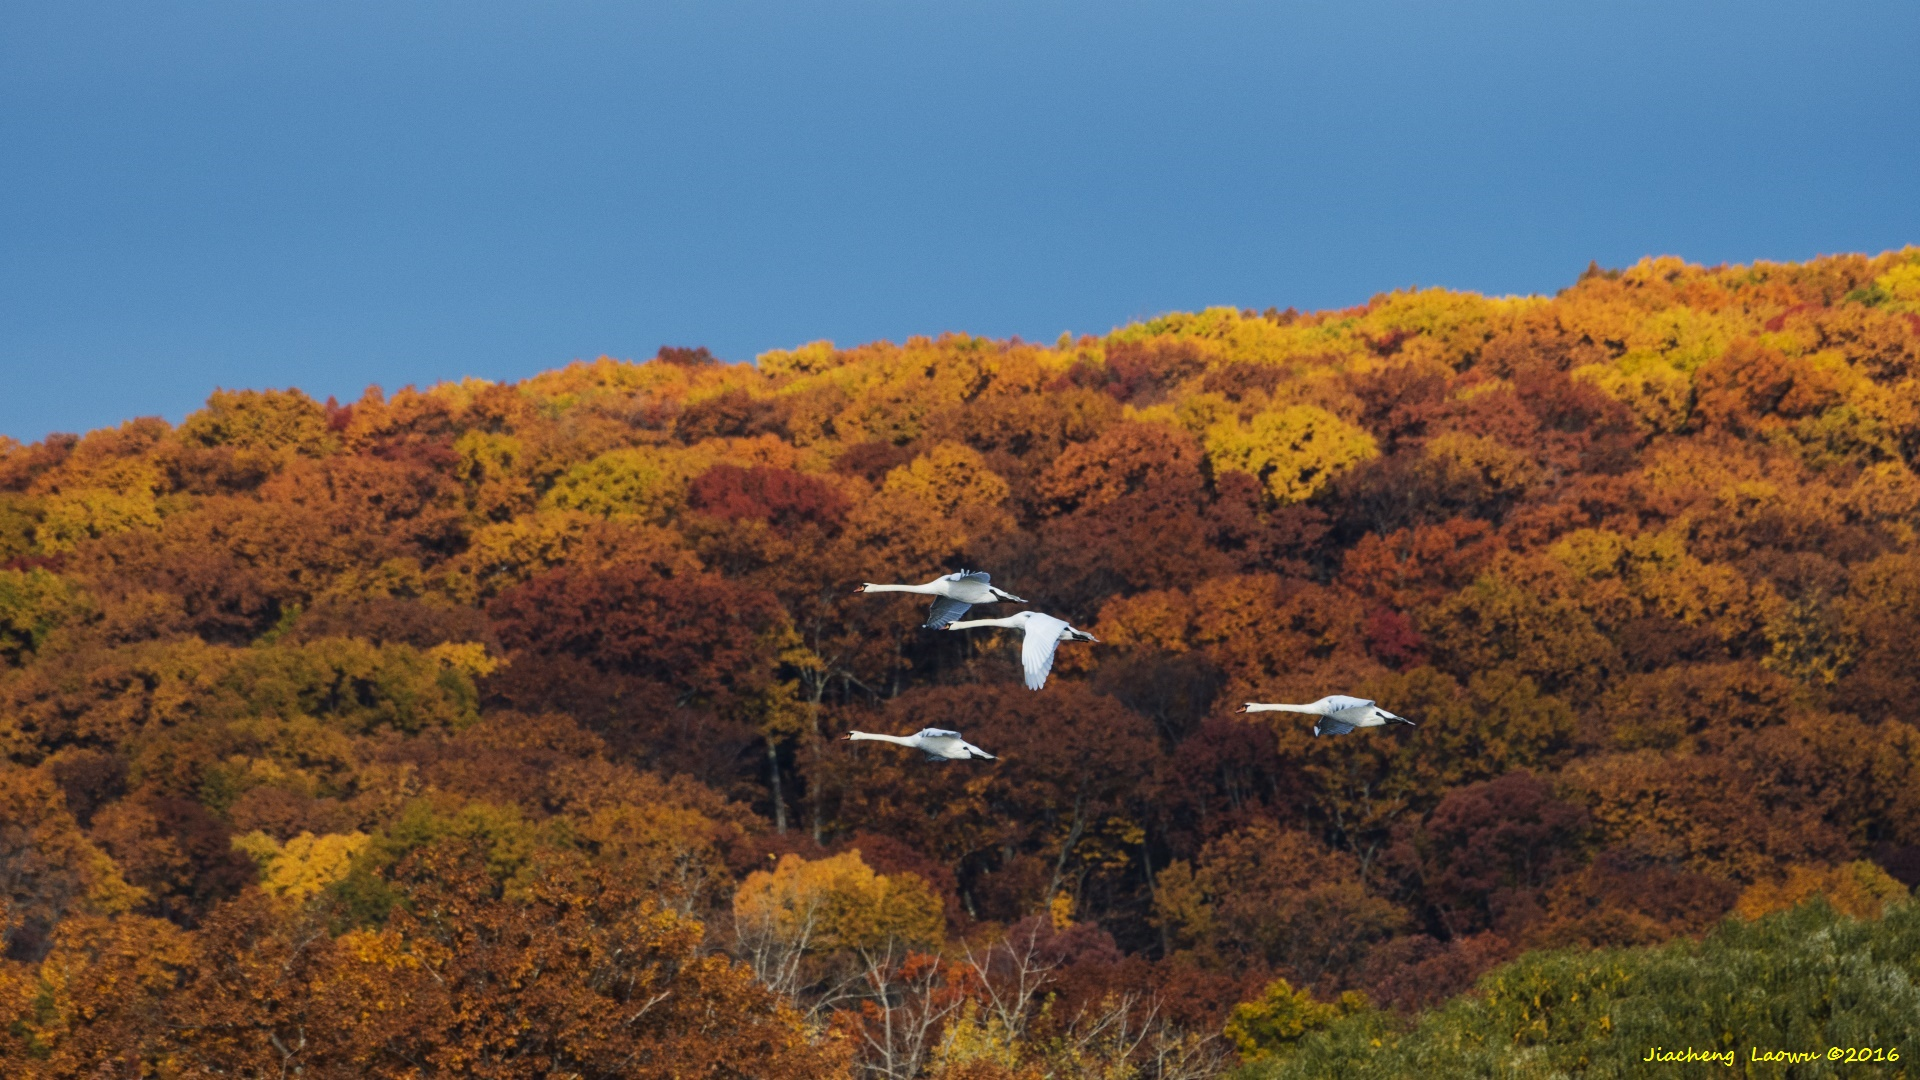 2016年的季节有点反常,往年这个时候, 树叶基本上都掉光了。 今年新英格兰地区的秋天异常得暖,秋天迟迟不肯给冬天让位, 树上的叶子也异常地坚挺,有的树叶竟然还是绿色。 蜜尔湖(Mill Pond)也不例外,在清晨的一片红云之后,周围的树木在朝阳的照射下,一片金黄的色调, 仿佛告诉人们这里依然是秋天,也仿佛向冬天发出了挑战。湖面不算小,形状不规则, 从地图上看像是个顽皮的猴子, 里面有上千只天鹅。天鹅属于疣鼻天鹅(Mute Swan),是一种普通的天鹅,它的身子是白色,嘴巴是桔黄色的, 与极地天鹅的黑色嘴